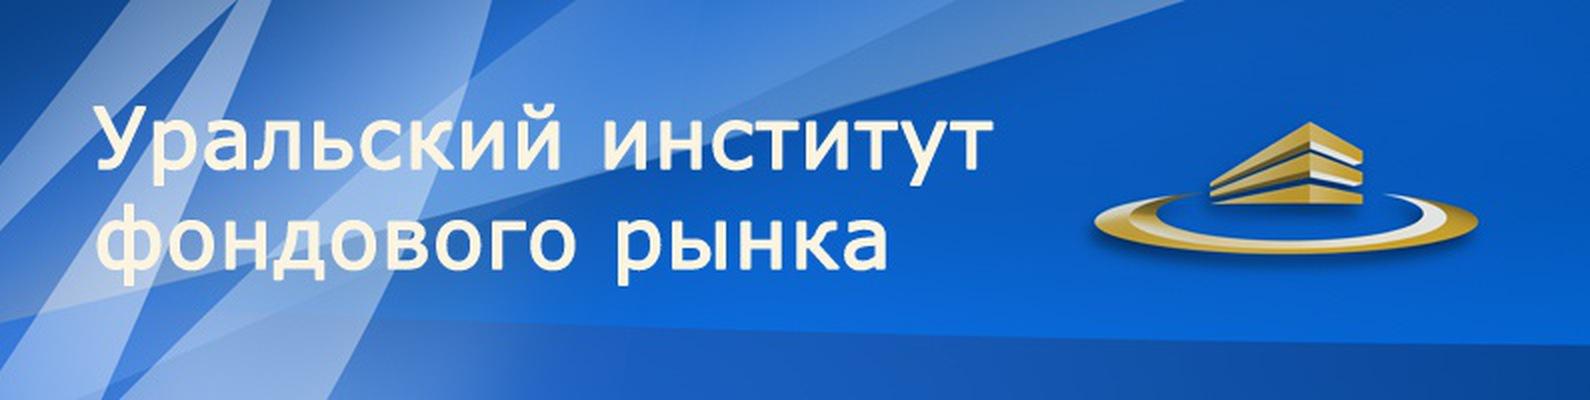 Уральский институт фондового рынка